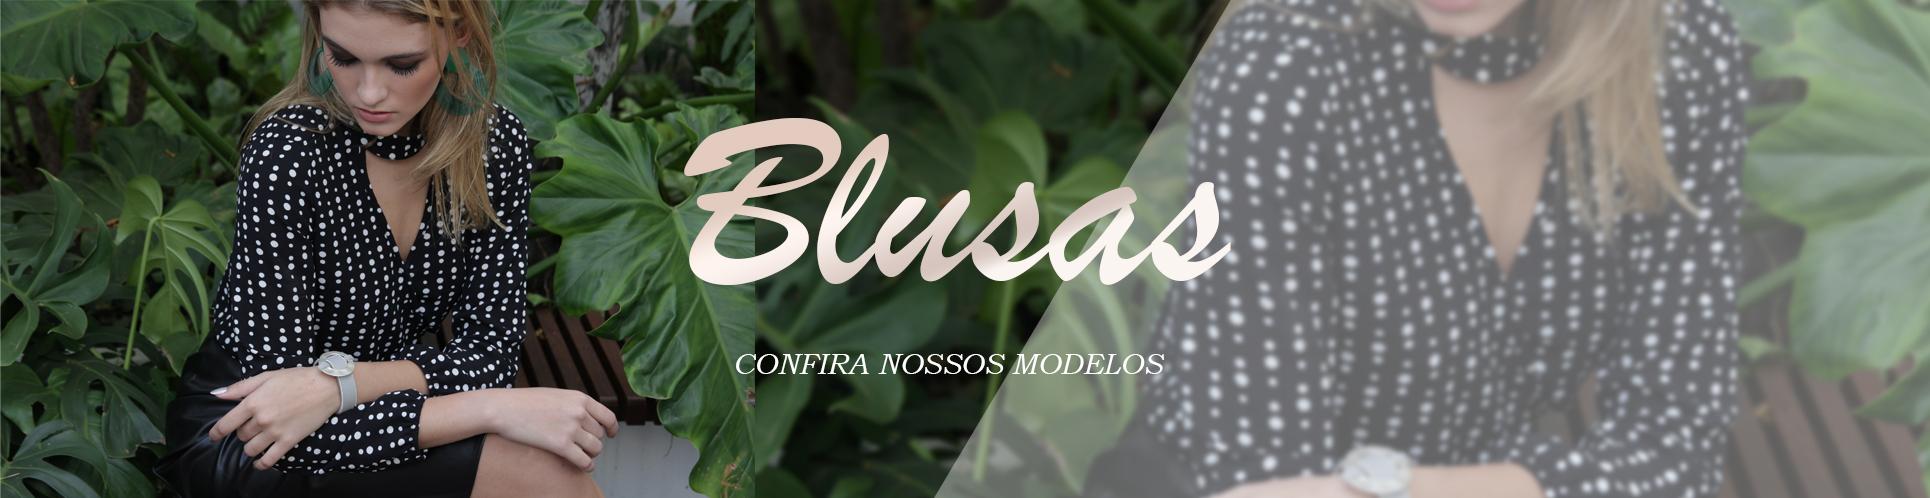 Blusas_femininas